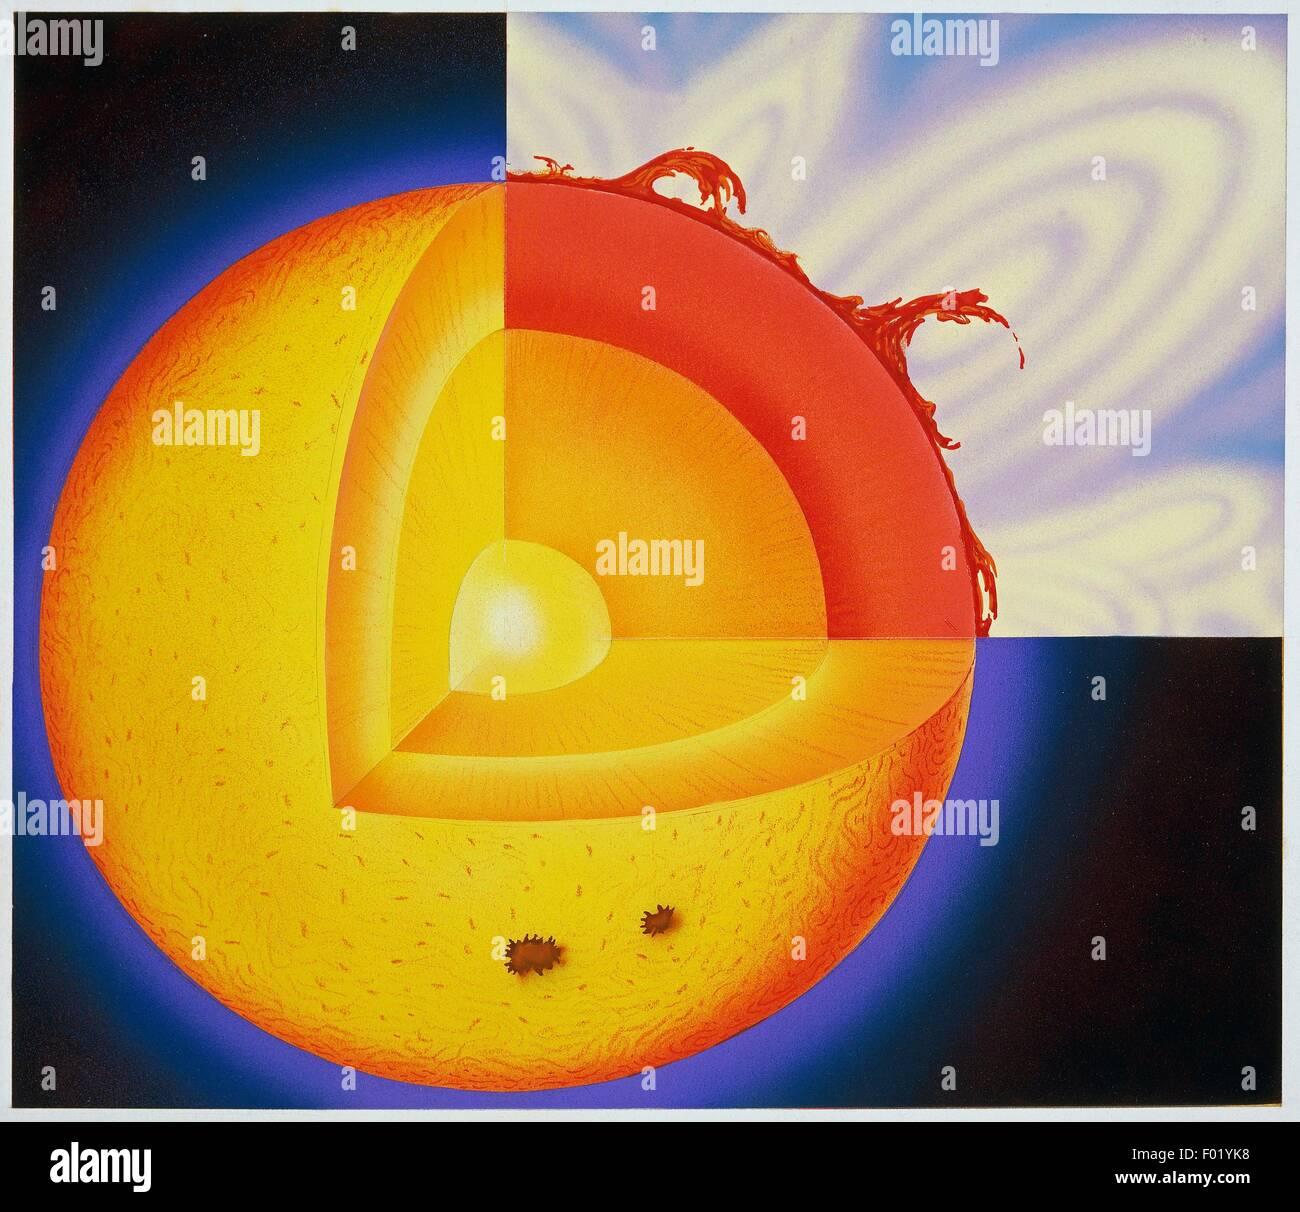 Estructura Interna Del Sol Prominencias Solares Superior